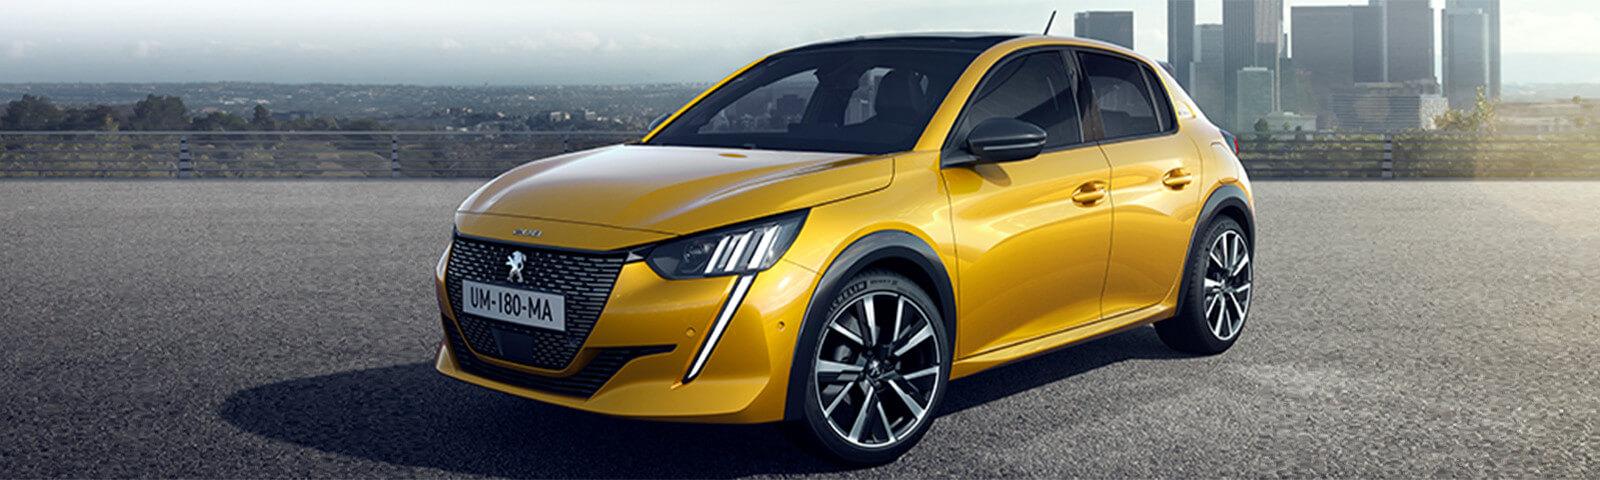 Nuevo Peugeot 208, con motorización 100% eléctrica